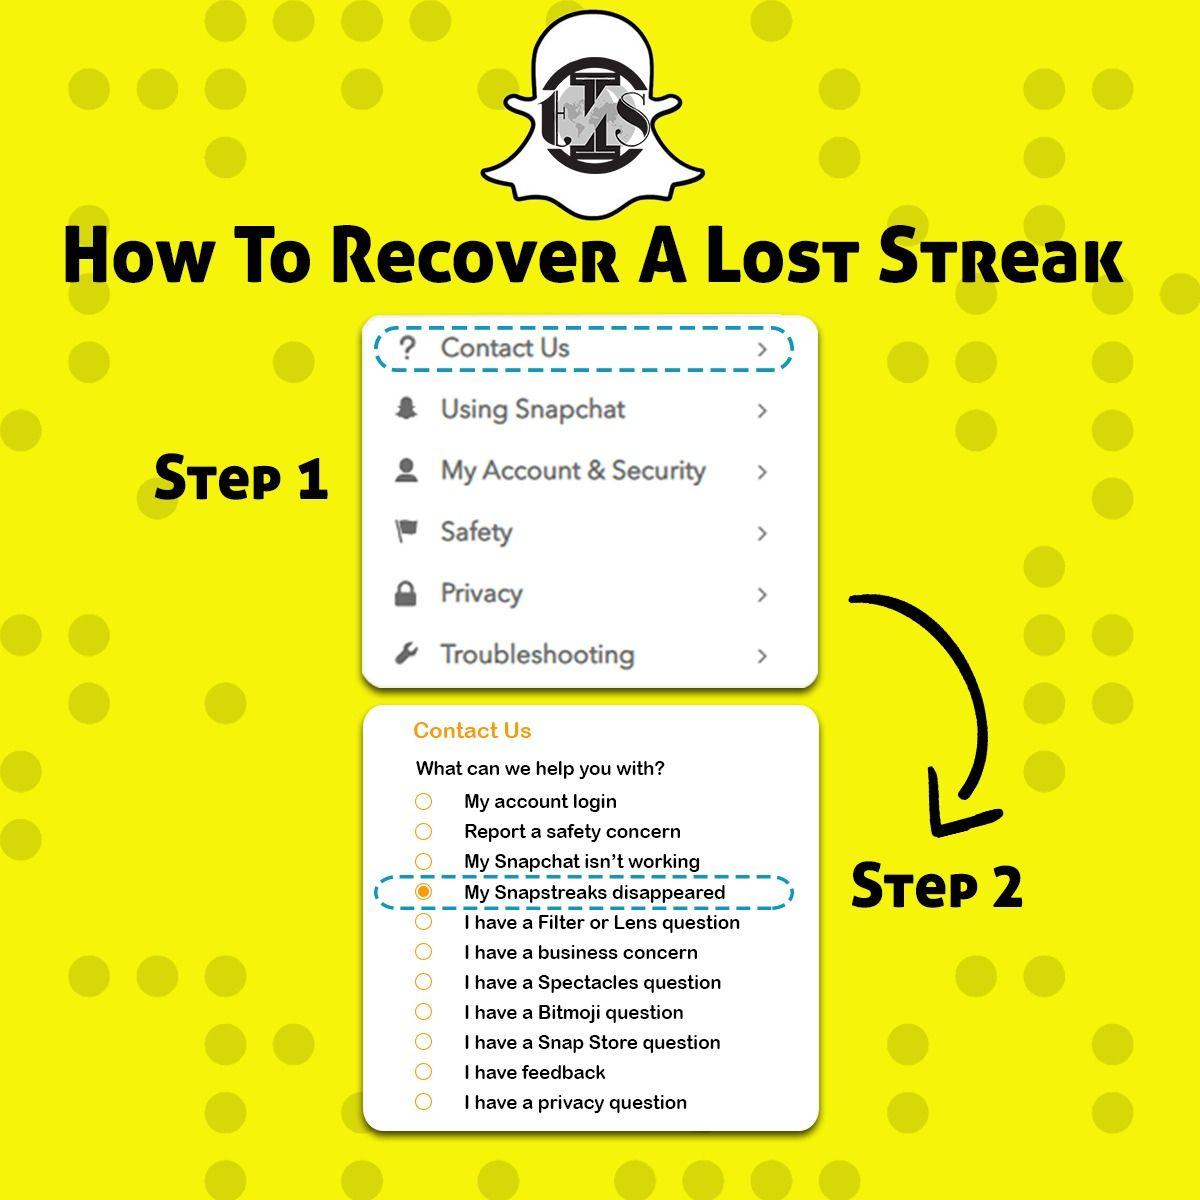 Snapchat Streak Lost Snapchat Streak Digital Marketing Company Snapchat Codes